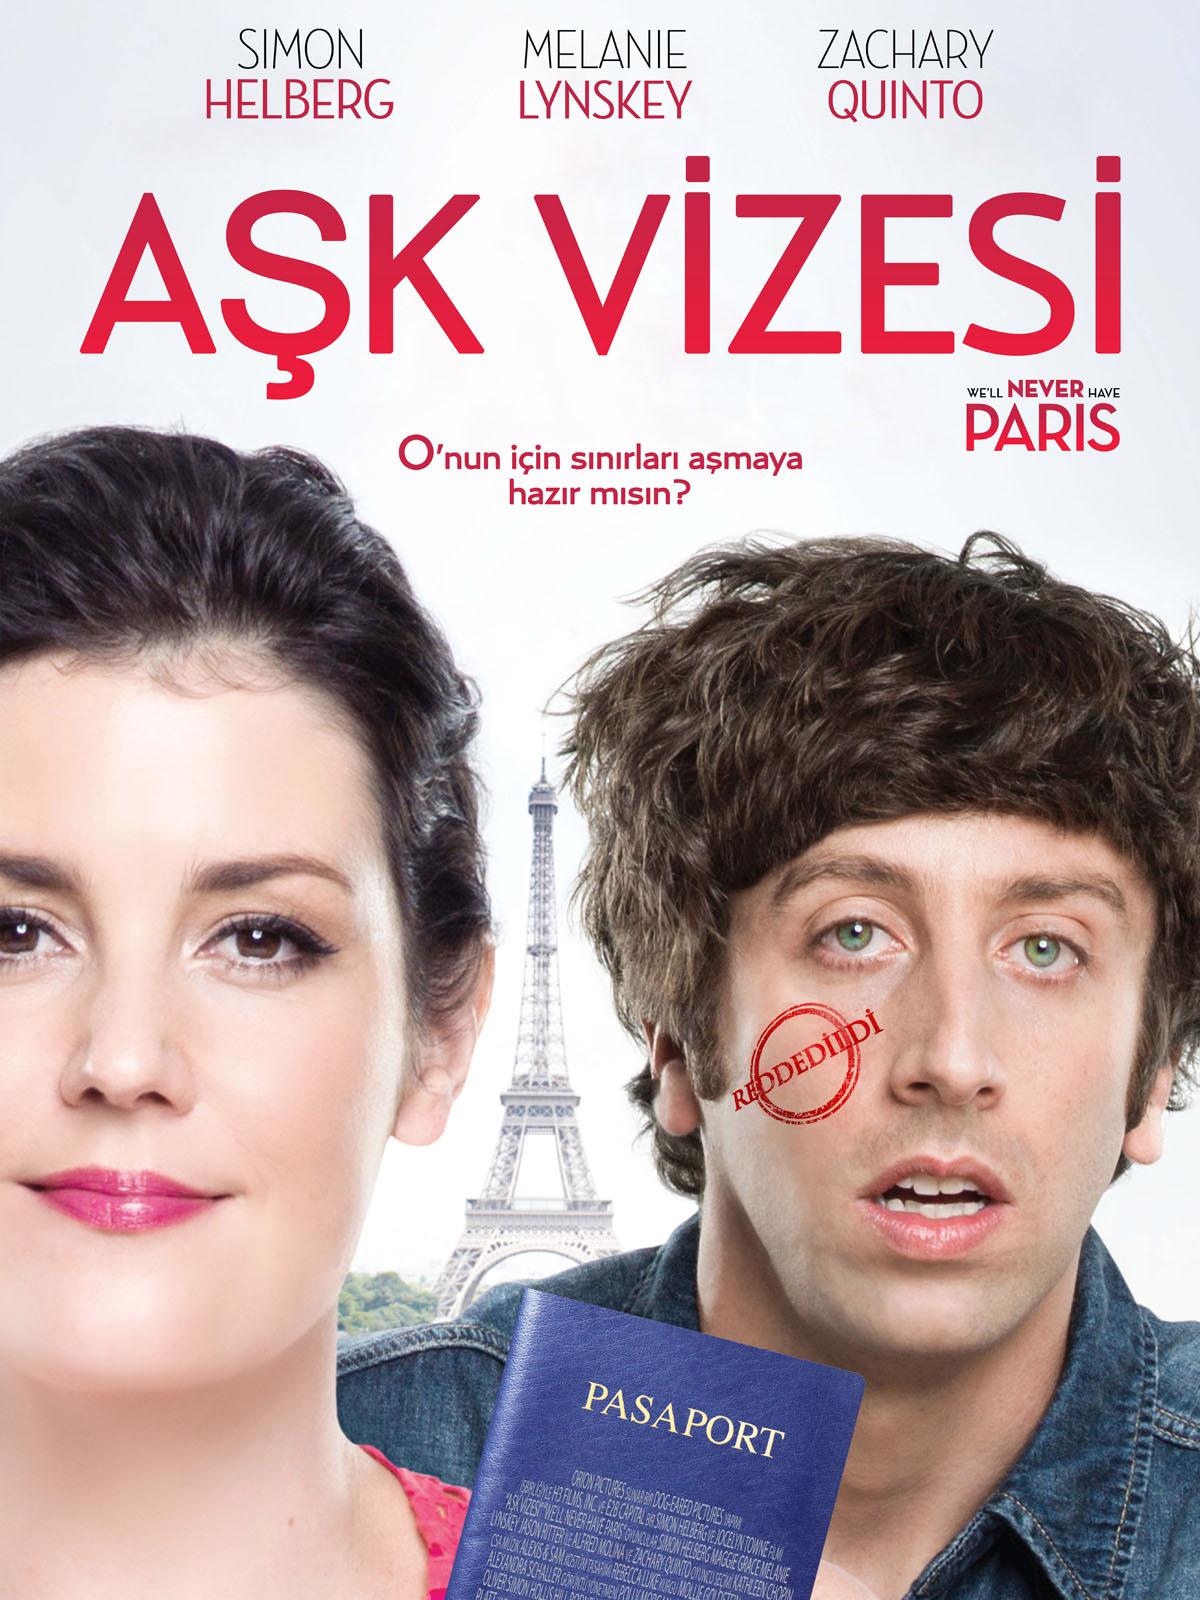 Aşk Vizesi We'll Never Have Paris 720p Turkce Dublaj izle Full Hd Film izle | full film izle | film izle | hd film izle